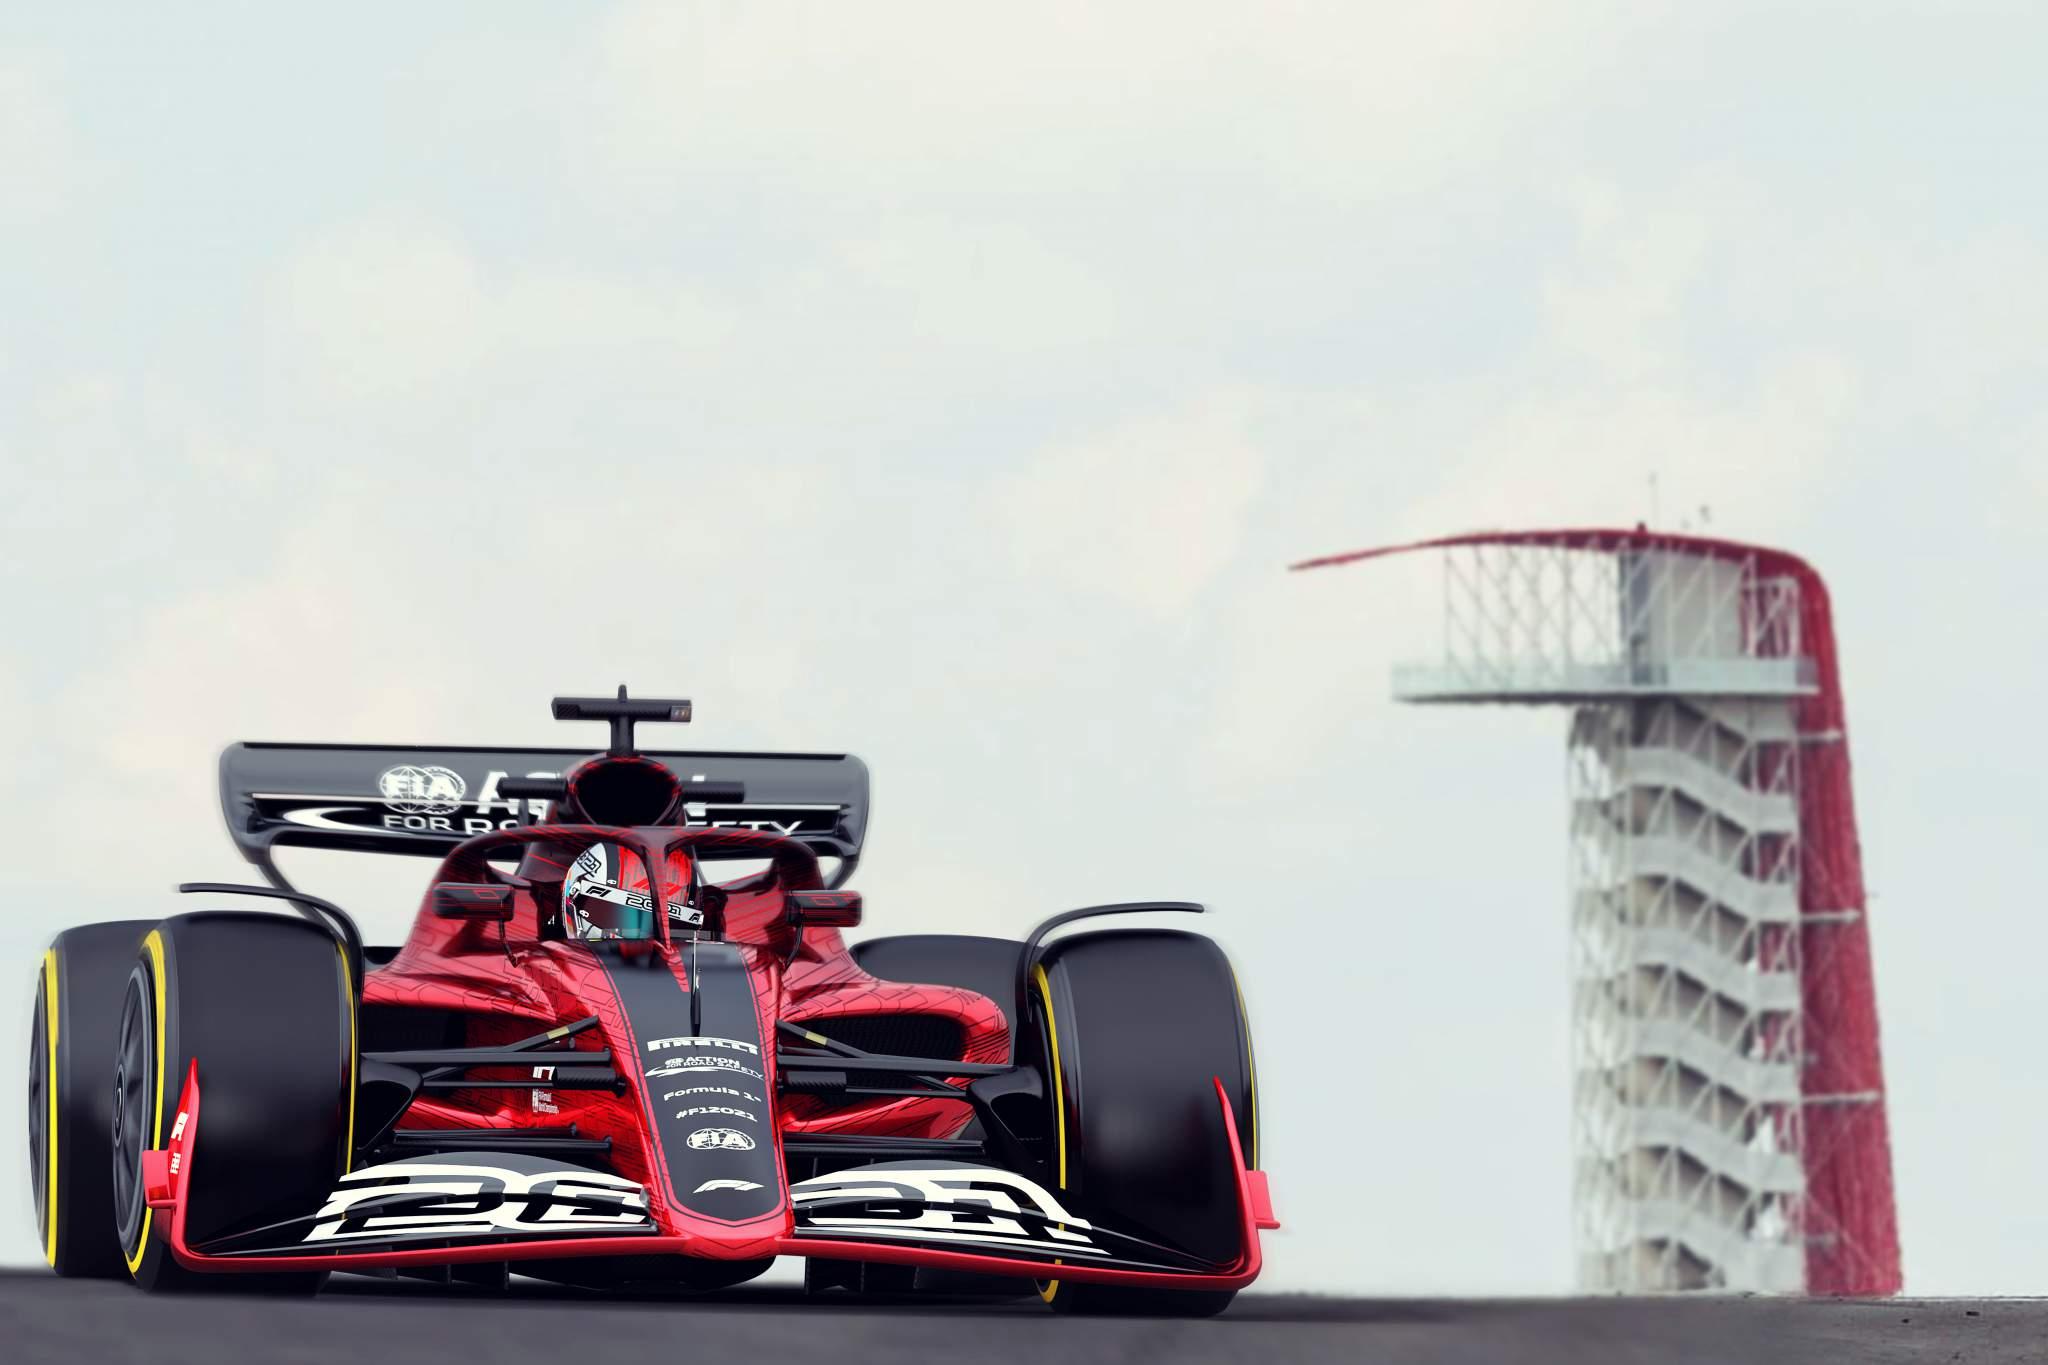 F1 2022 rules mock-up